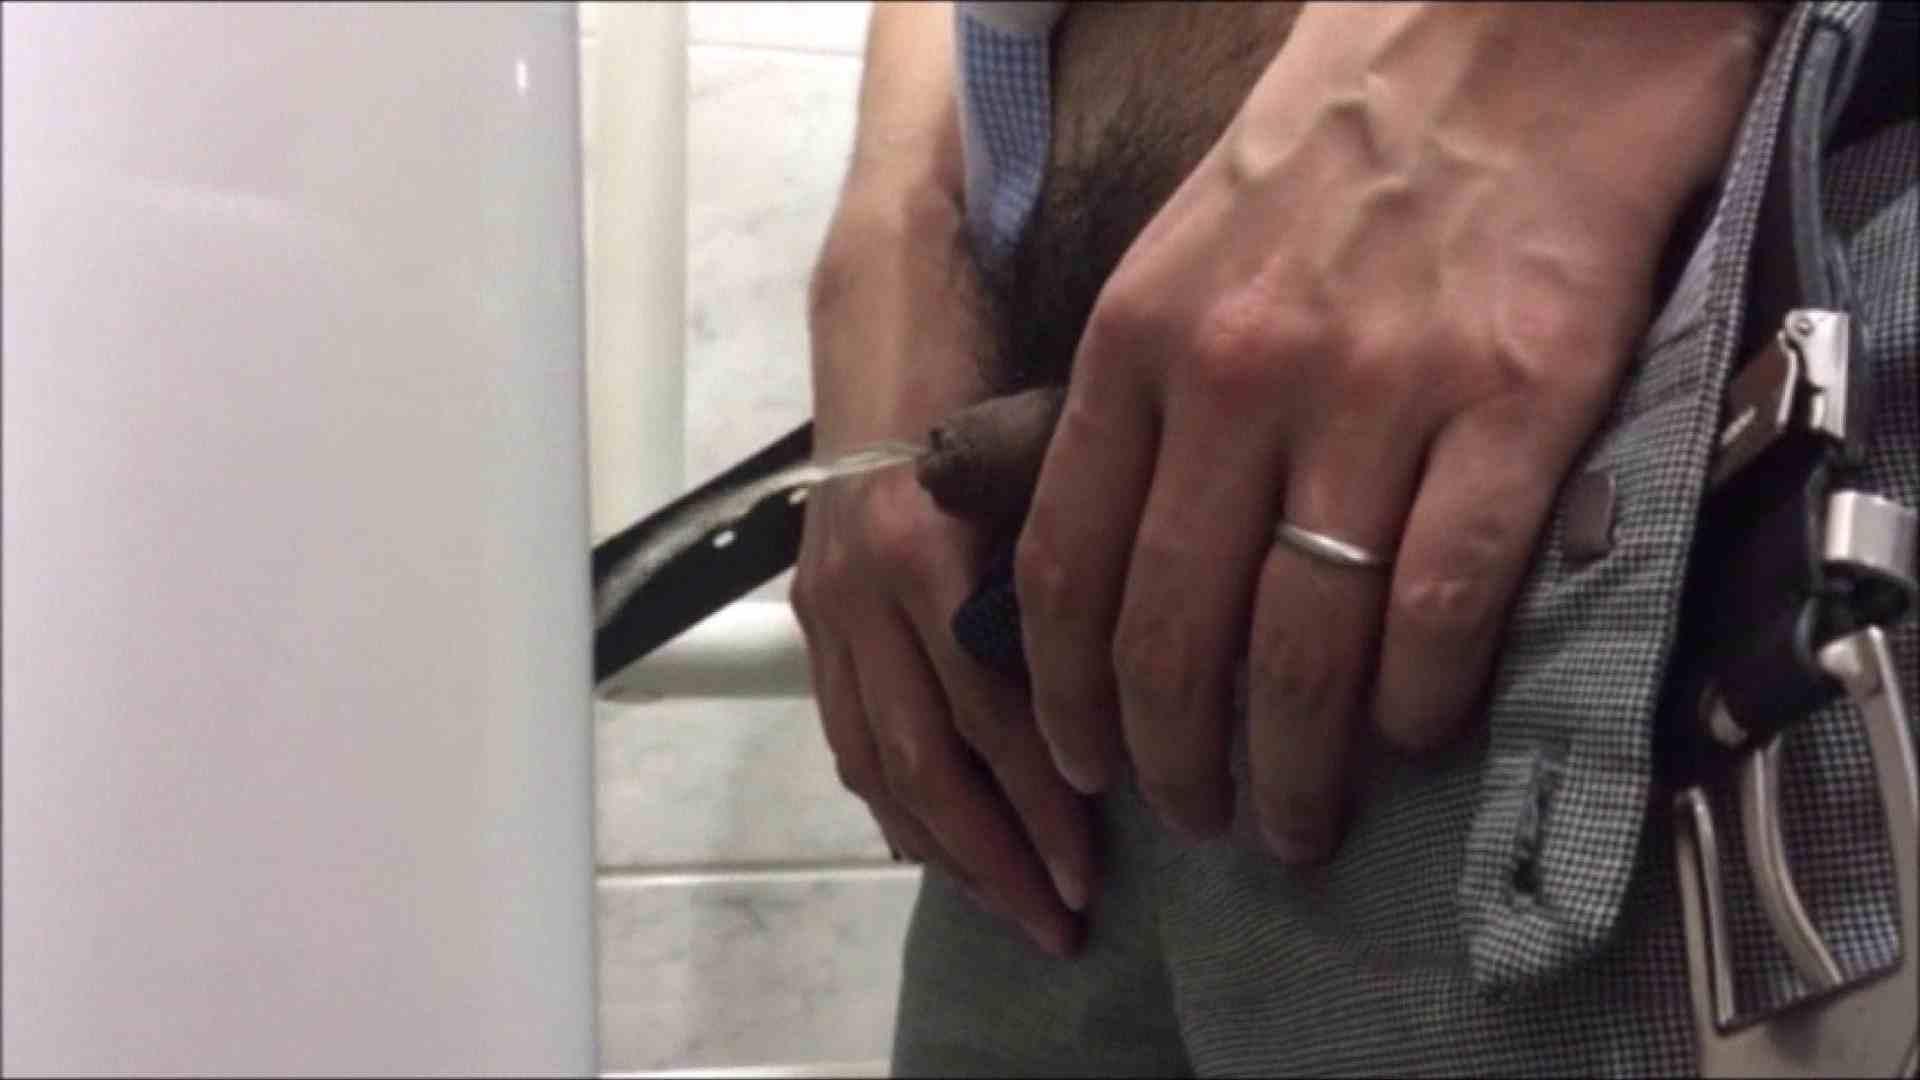 無修正セックス盗撮:すみませんが覗かせてください Vol.07:放尿